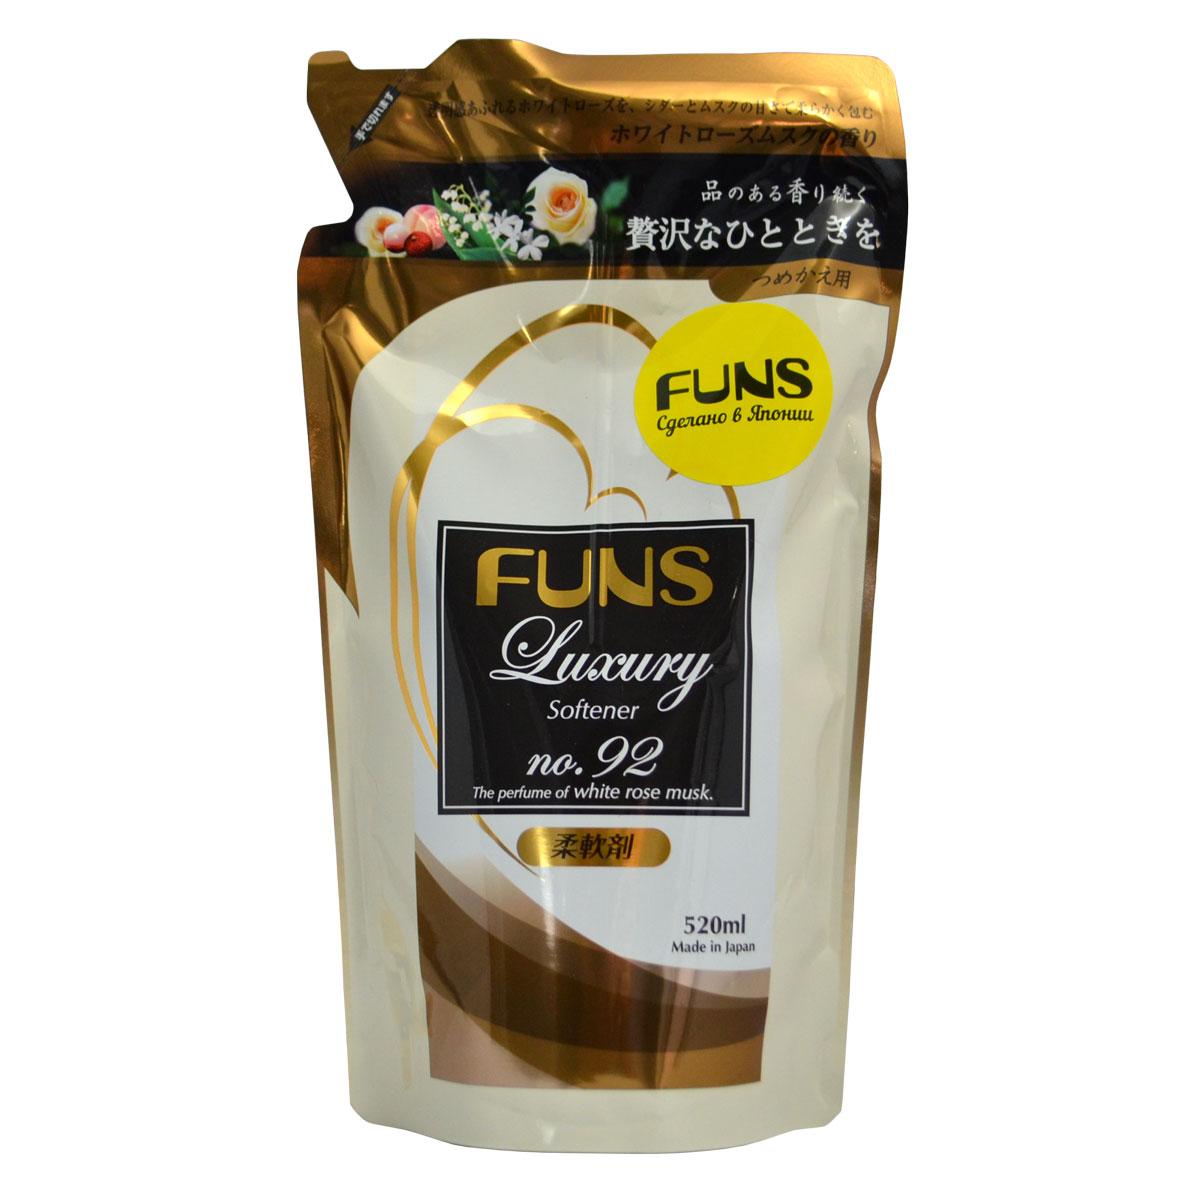 Кондиционер парфюмированный для белья Funs, с ароматом белой мускусной розы, 520 мл10056Сильноконцентрированный кондиционер для белья Funs придаст вашим вещам мягкость и сделает их приятными наощупь. Подходит для хлопчатобумажных, шерстяных, льняных и синтетических тканей, а также любых деликатных тканей (шелка и шерсти). Кондиционер предотвращает появление статического электричества, а также облегчает глажку белья. Обладает приятным ароматом, который сохраняется на долгое время, даже после сушки белья. Благодаря противомикробному и дезодорирующему действию кондиционер устраняет бактерии, способствующие появлению неприятного запаха. Кондиционер безопасен при контакте с кожей человека, не сушит и не раздражает кожу рук во время стирки. Подходит как для ручной, так и машинной стирки. Норма использования: Вес белья Объем воды Объем кондиционера 6.0 кг 65 л 40 мл 4.5 кг 60 л 30 мл 3.0 кг 45 л 20 мл 1.5 кг 30 л 10 мл Ручная стирка вес белья 0.5 кг 3.3 мл Способ применения: применяйте кондиционер только после...